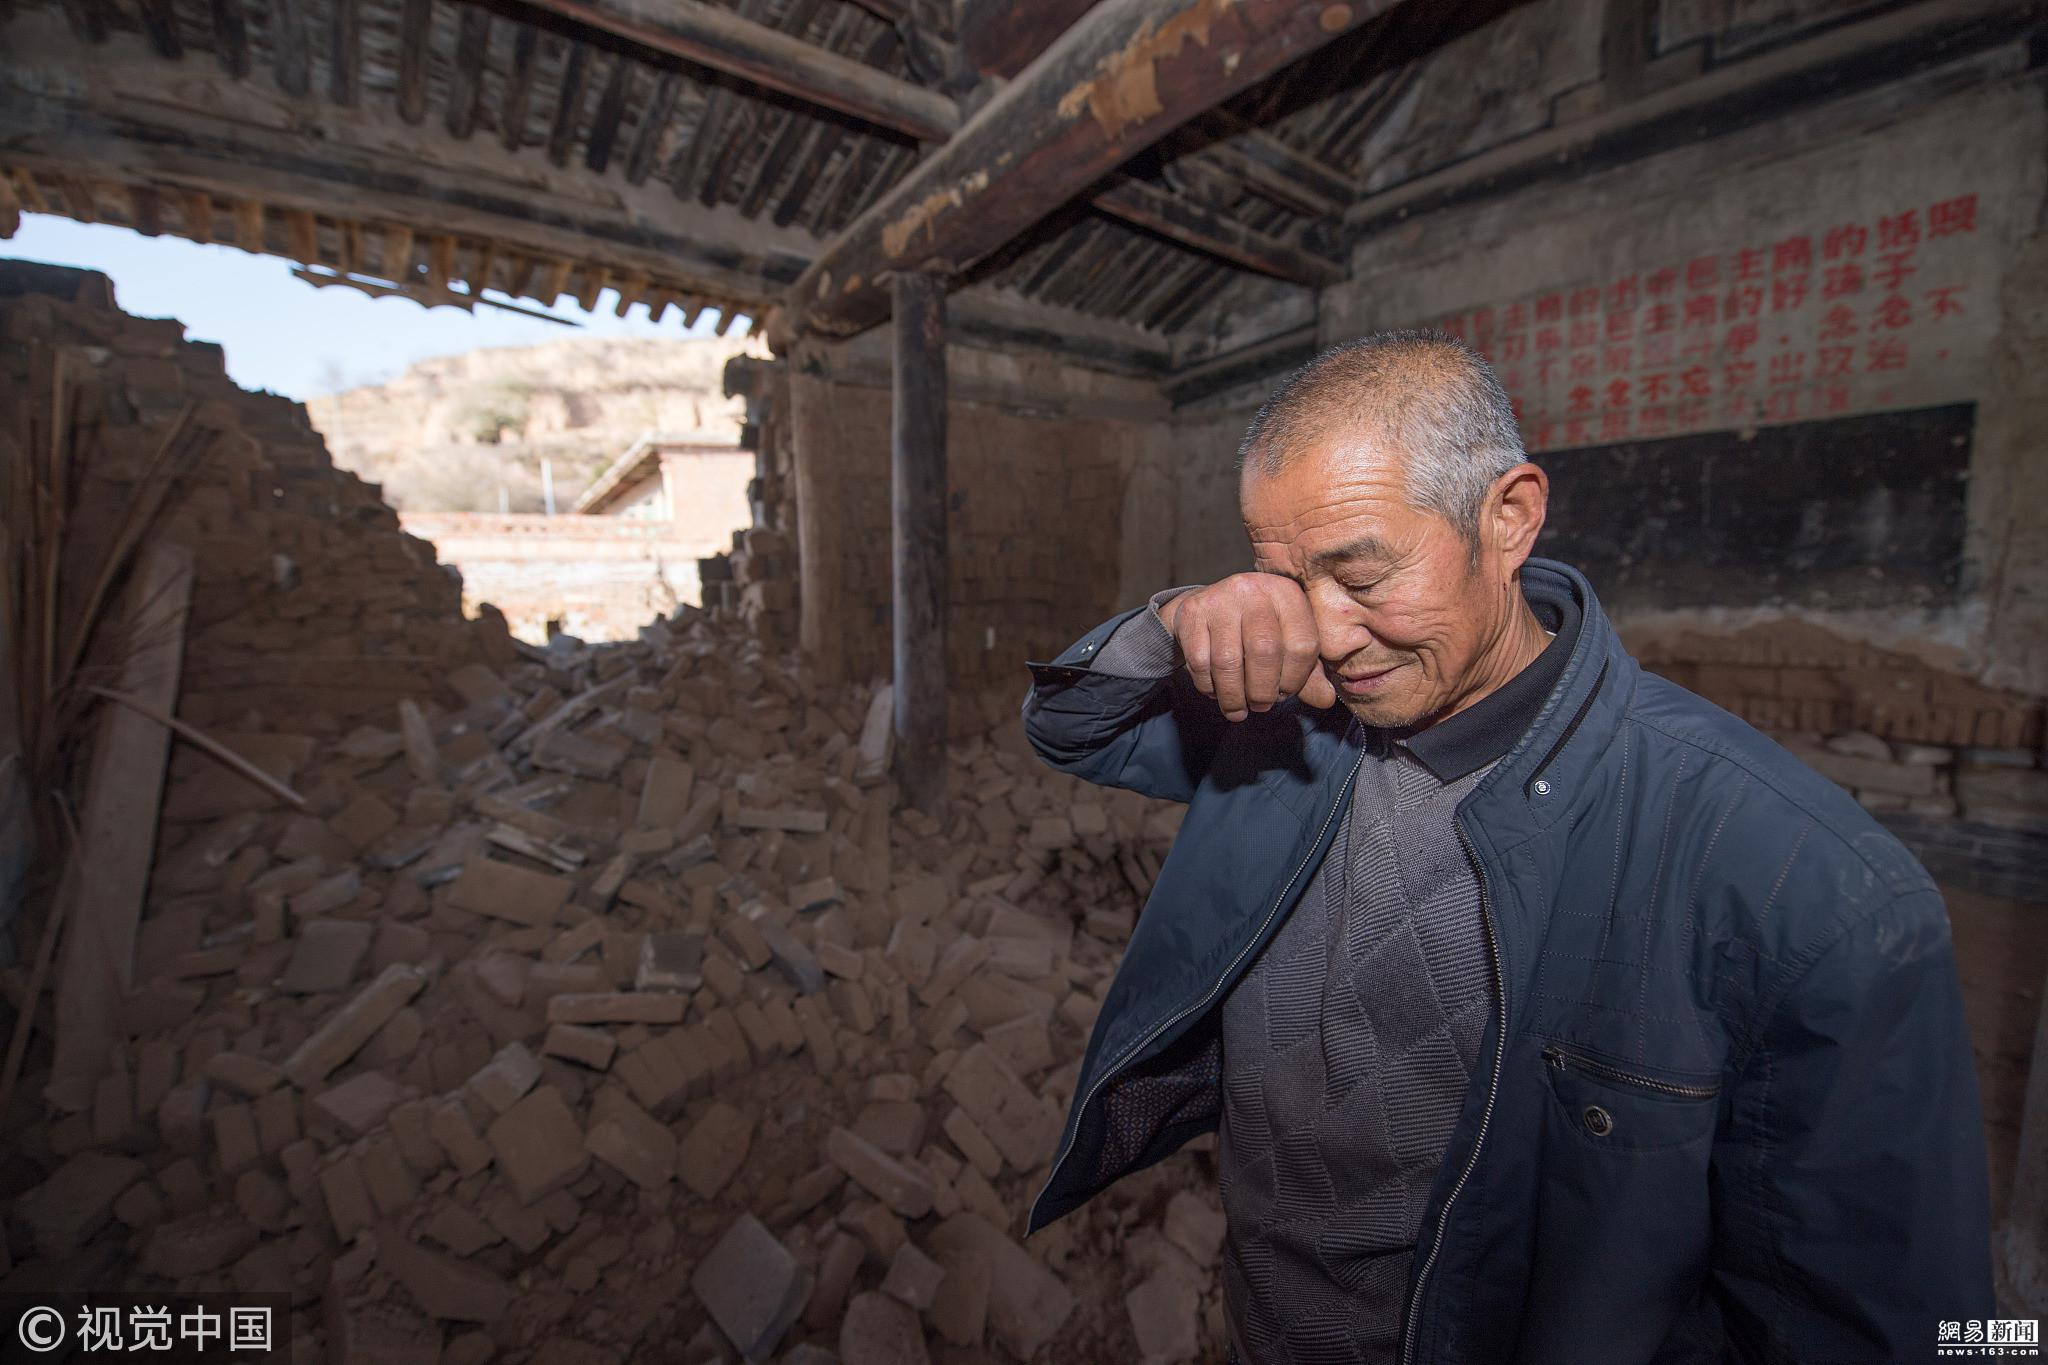 老人一家三代守护古庙 已达百年! - 周公乐 - xinhua8848 的博客